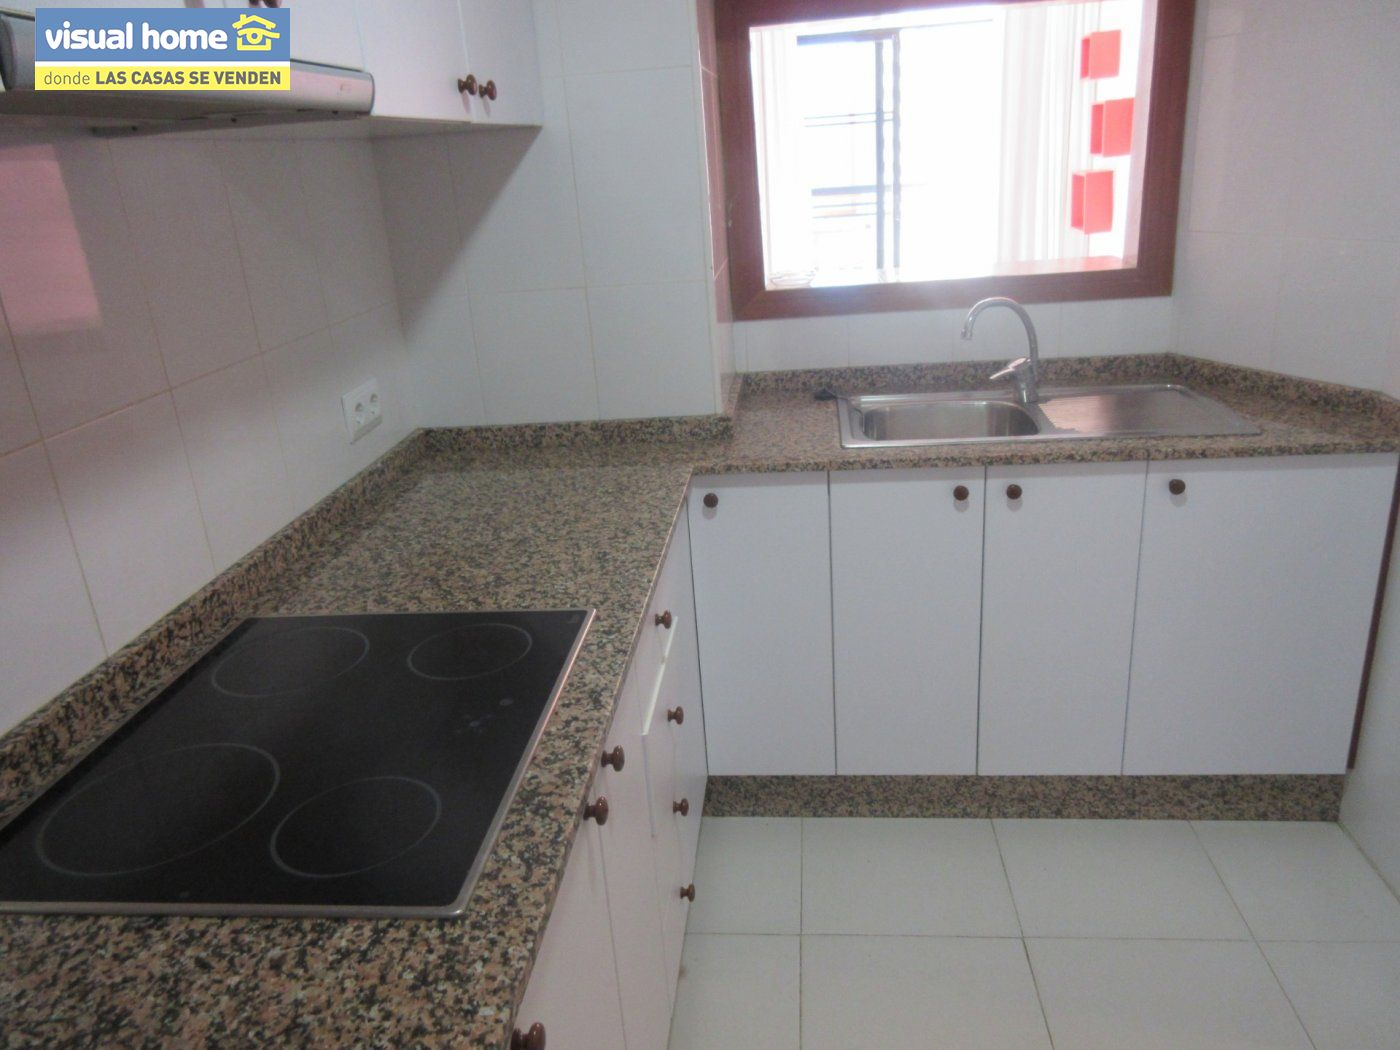 Apartamento de un dormitorio con parking y piscina en Rincón de Loix llano 8